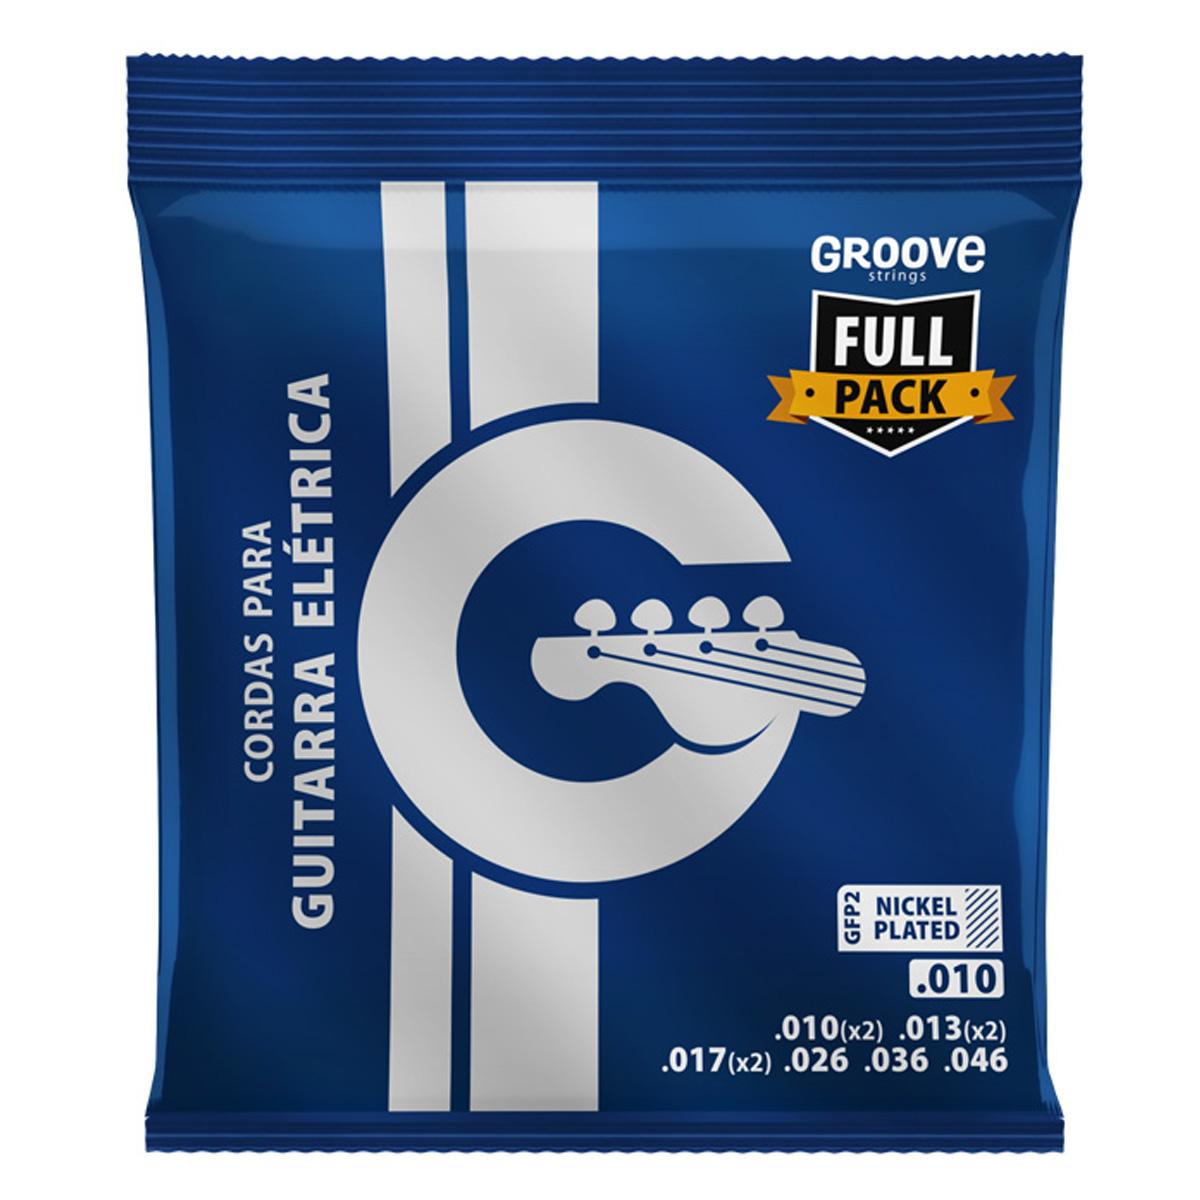 Jogo de Cordas p/ Guitarra 010 Fullpack - Groove  - RS Som e Luz!